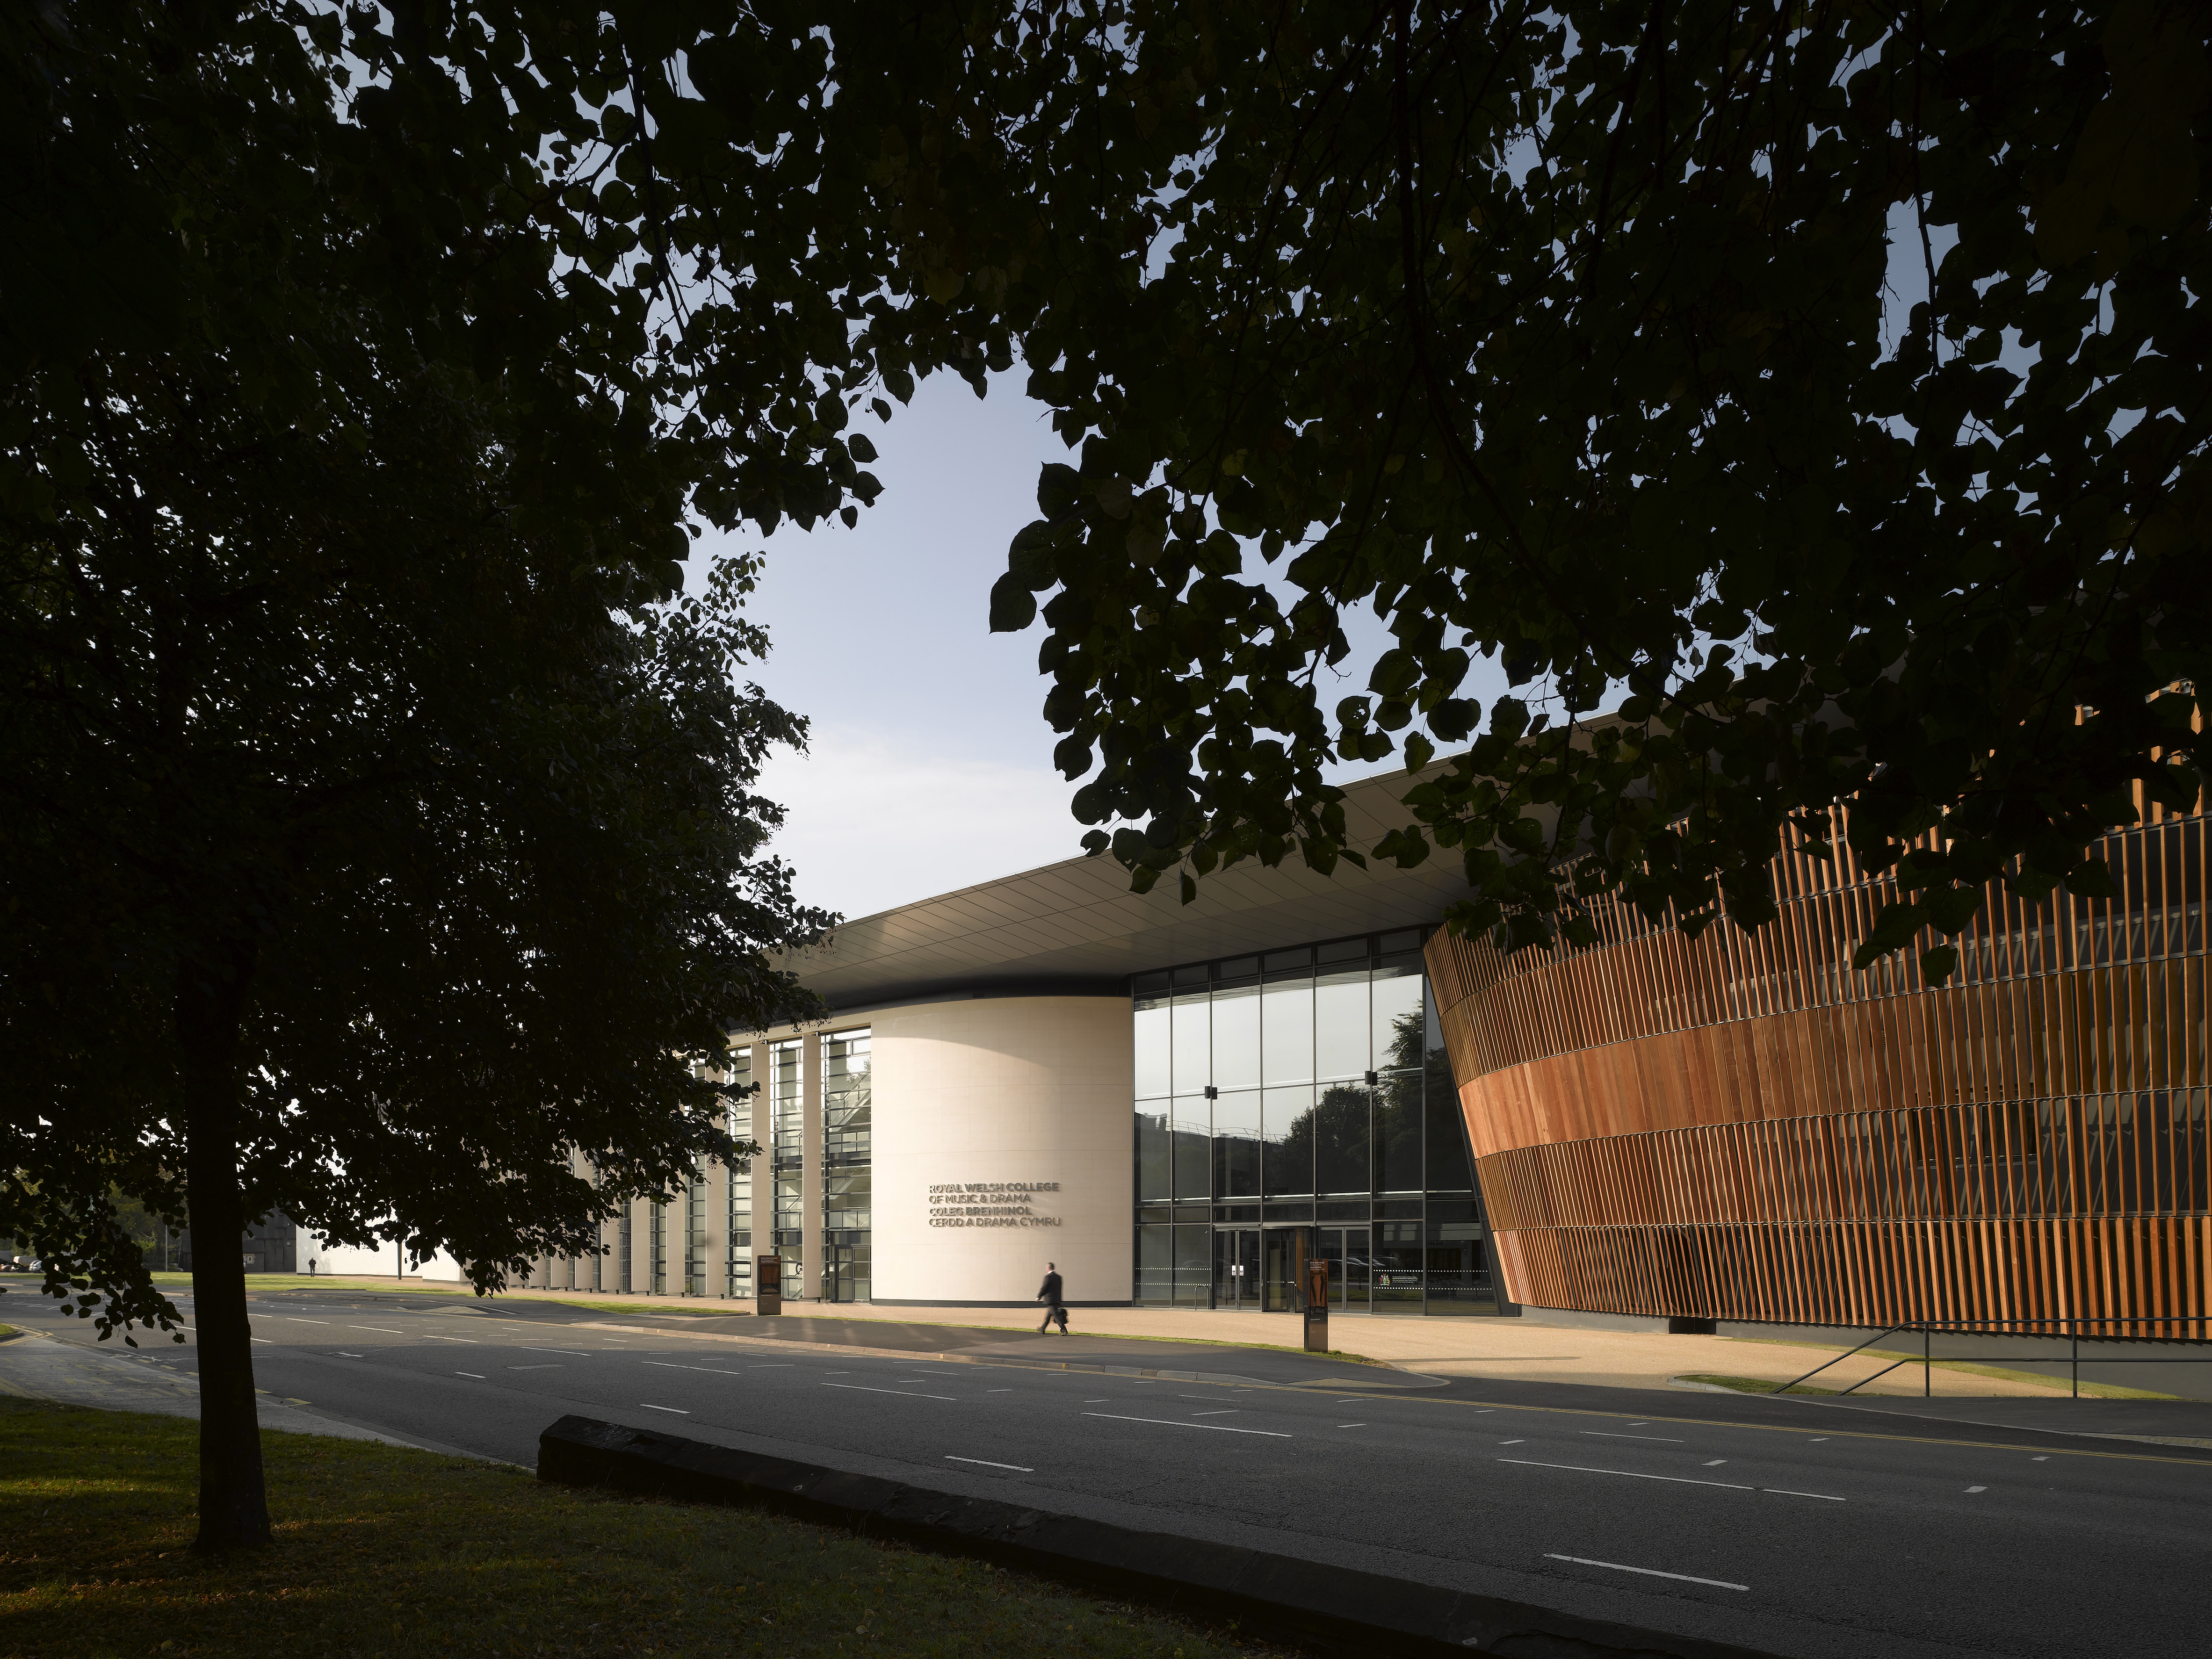 1-NRWCMD-view-of-North-Rd-facade-c-Nick-Guttridge